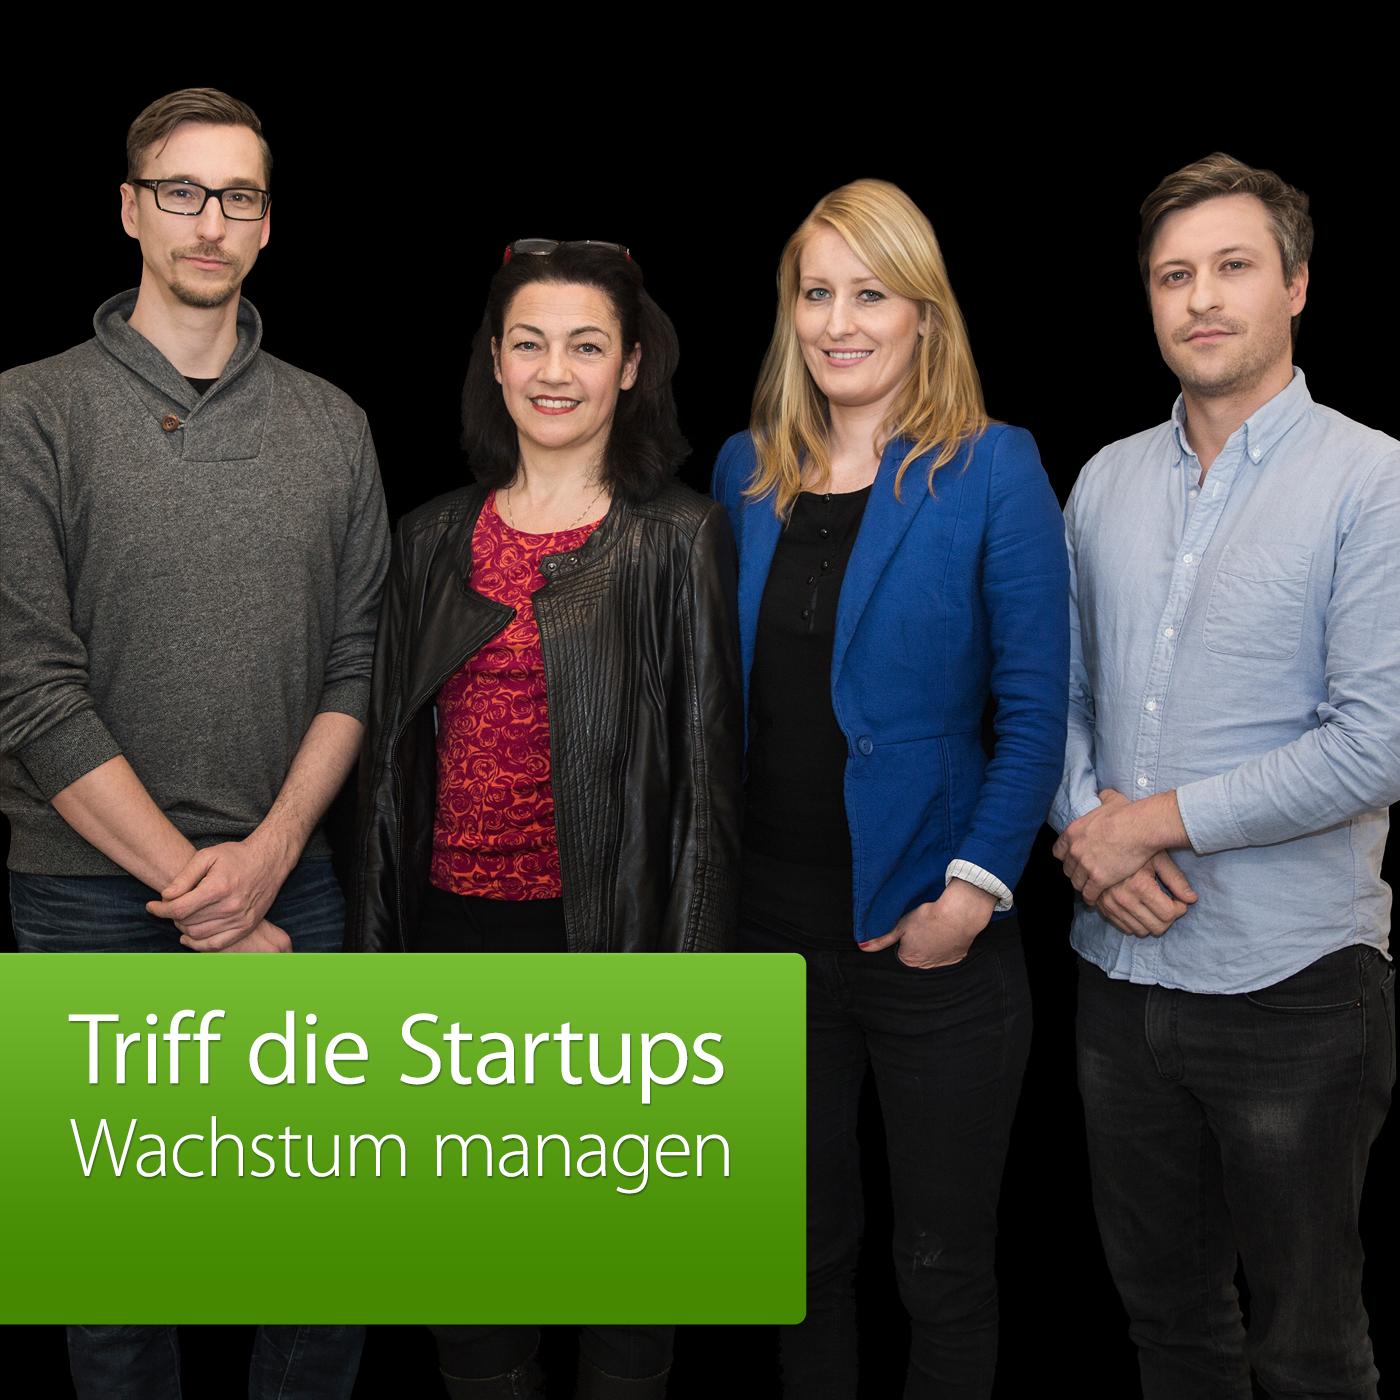 Wachstum managen: Triff die Startups